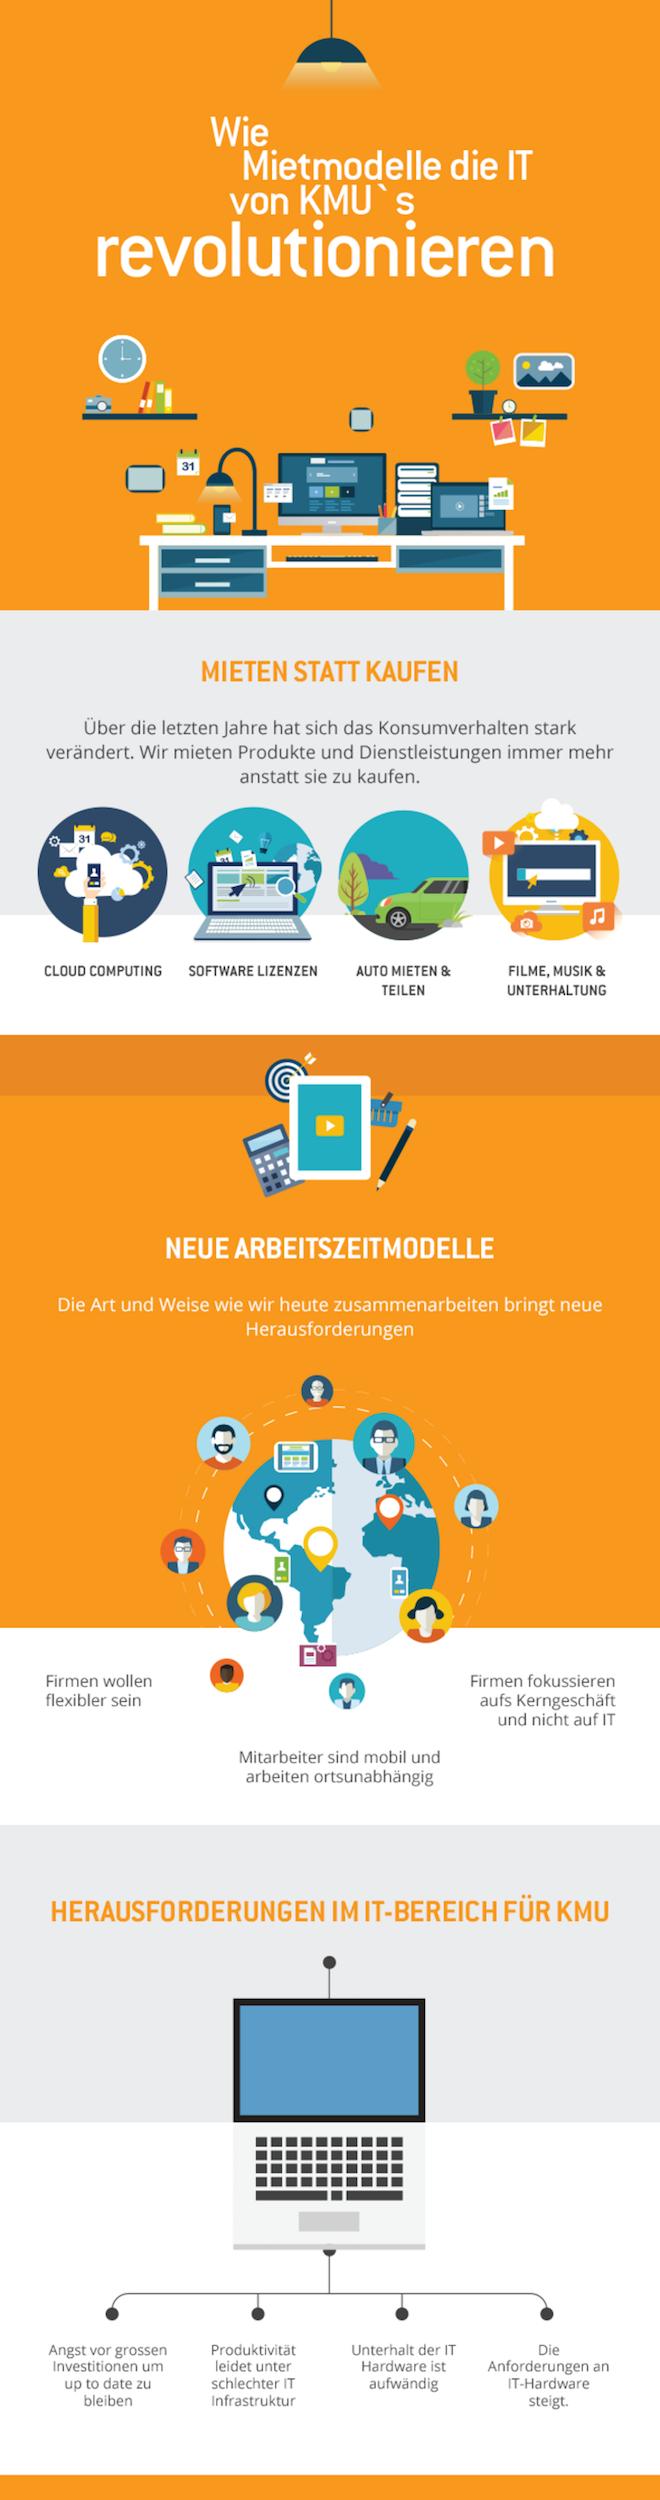 Mietmodelle Mieten statt kaufen: Immer mehr Firmen nutzen Mietmodelle